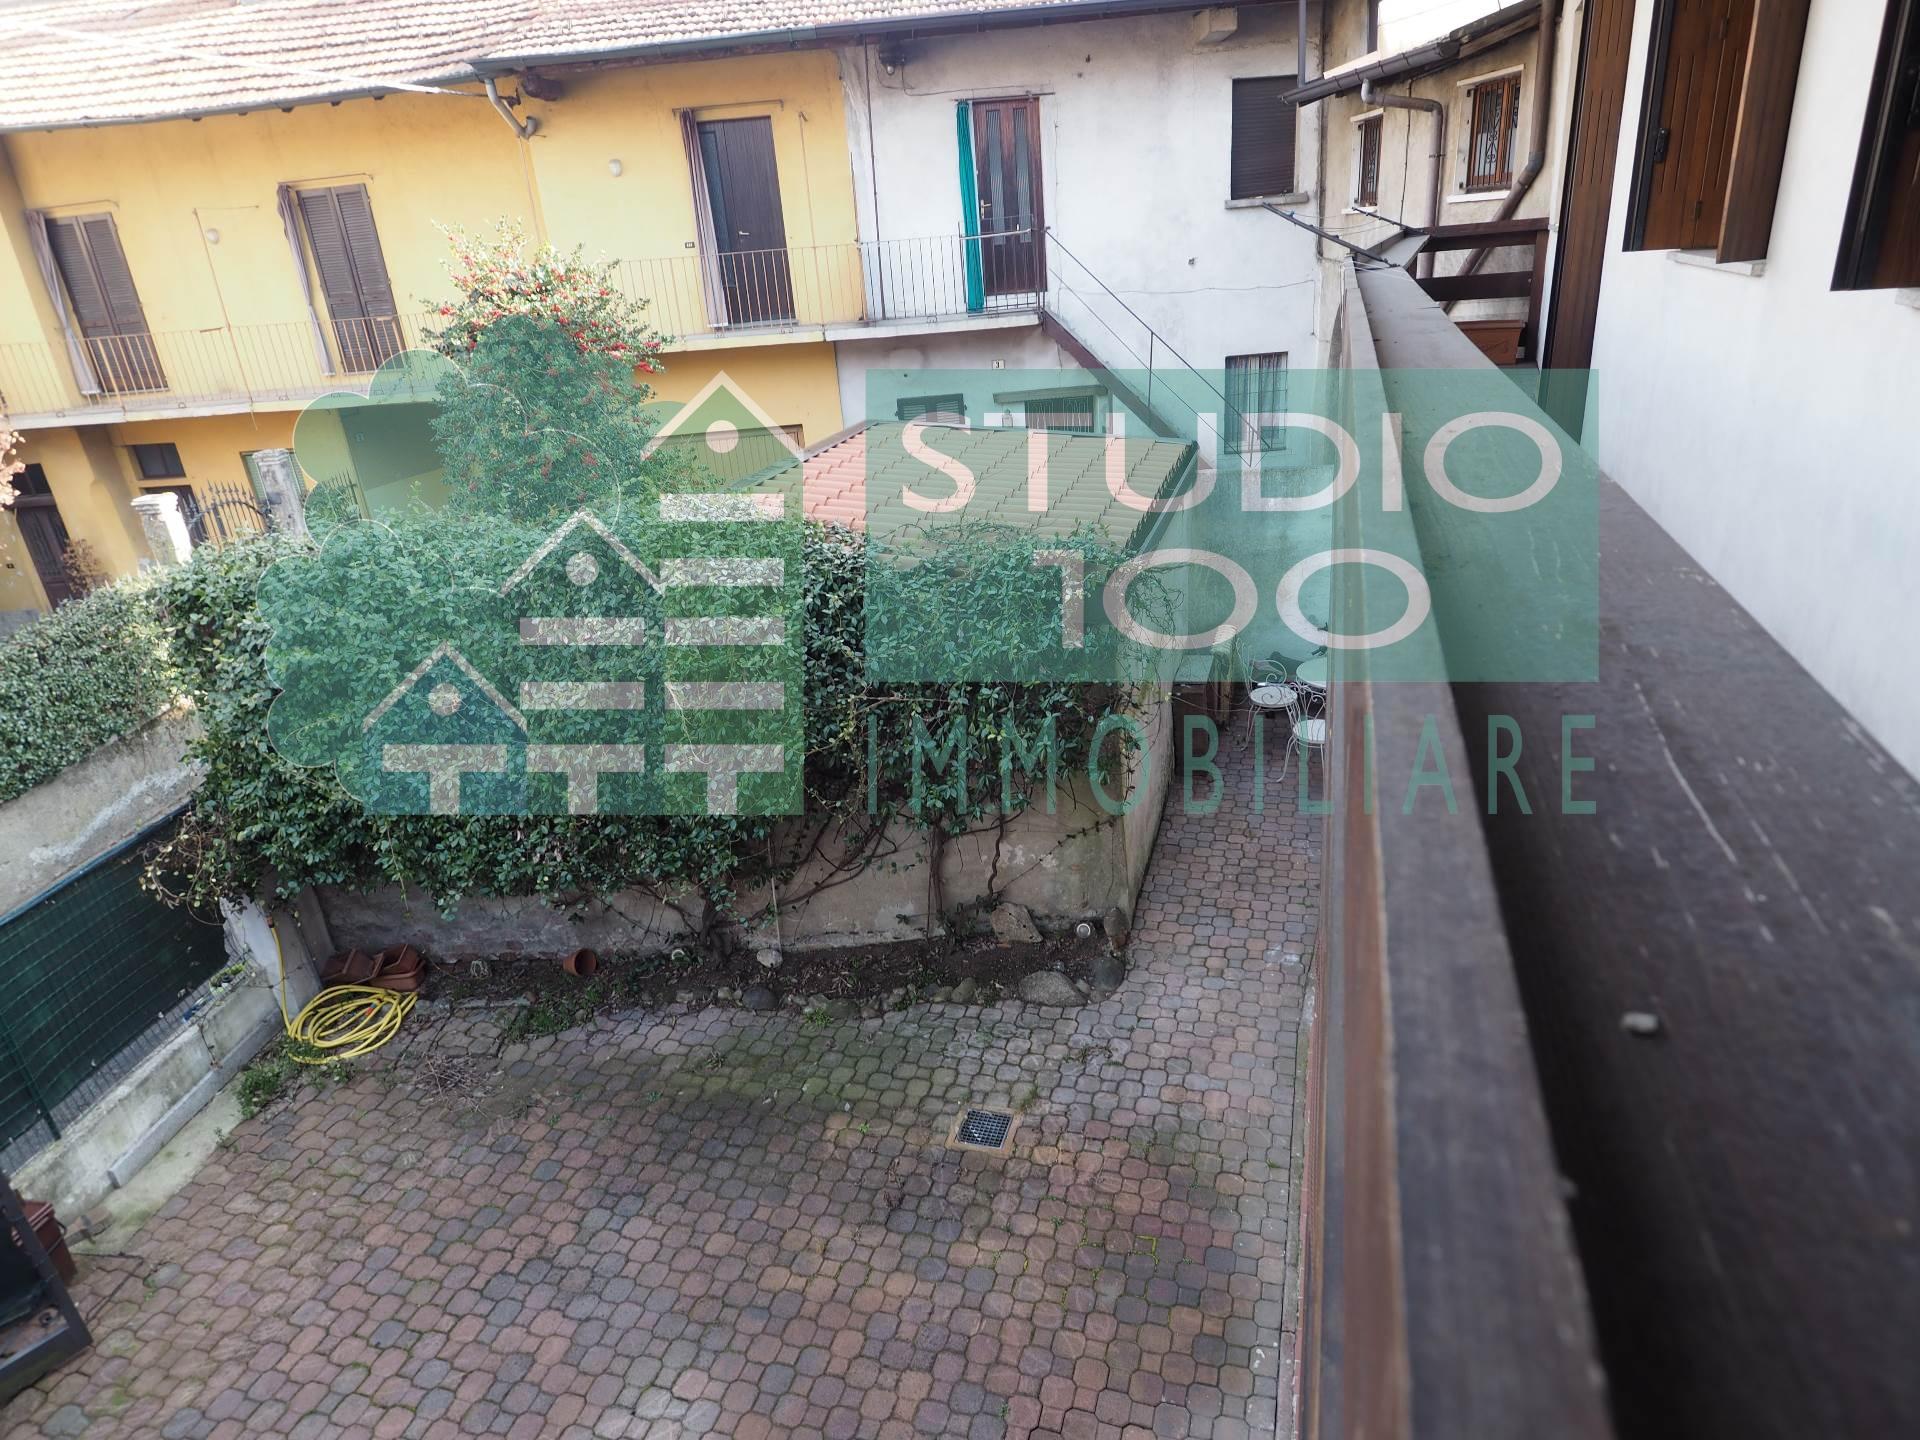 Soluzione Indipendente in vendita a Casorate Sempione, 3 locali, prezzo € 128.000 | CambioCasa.it